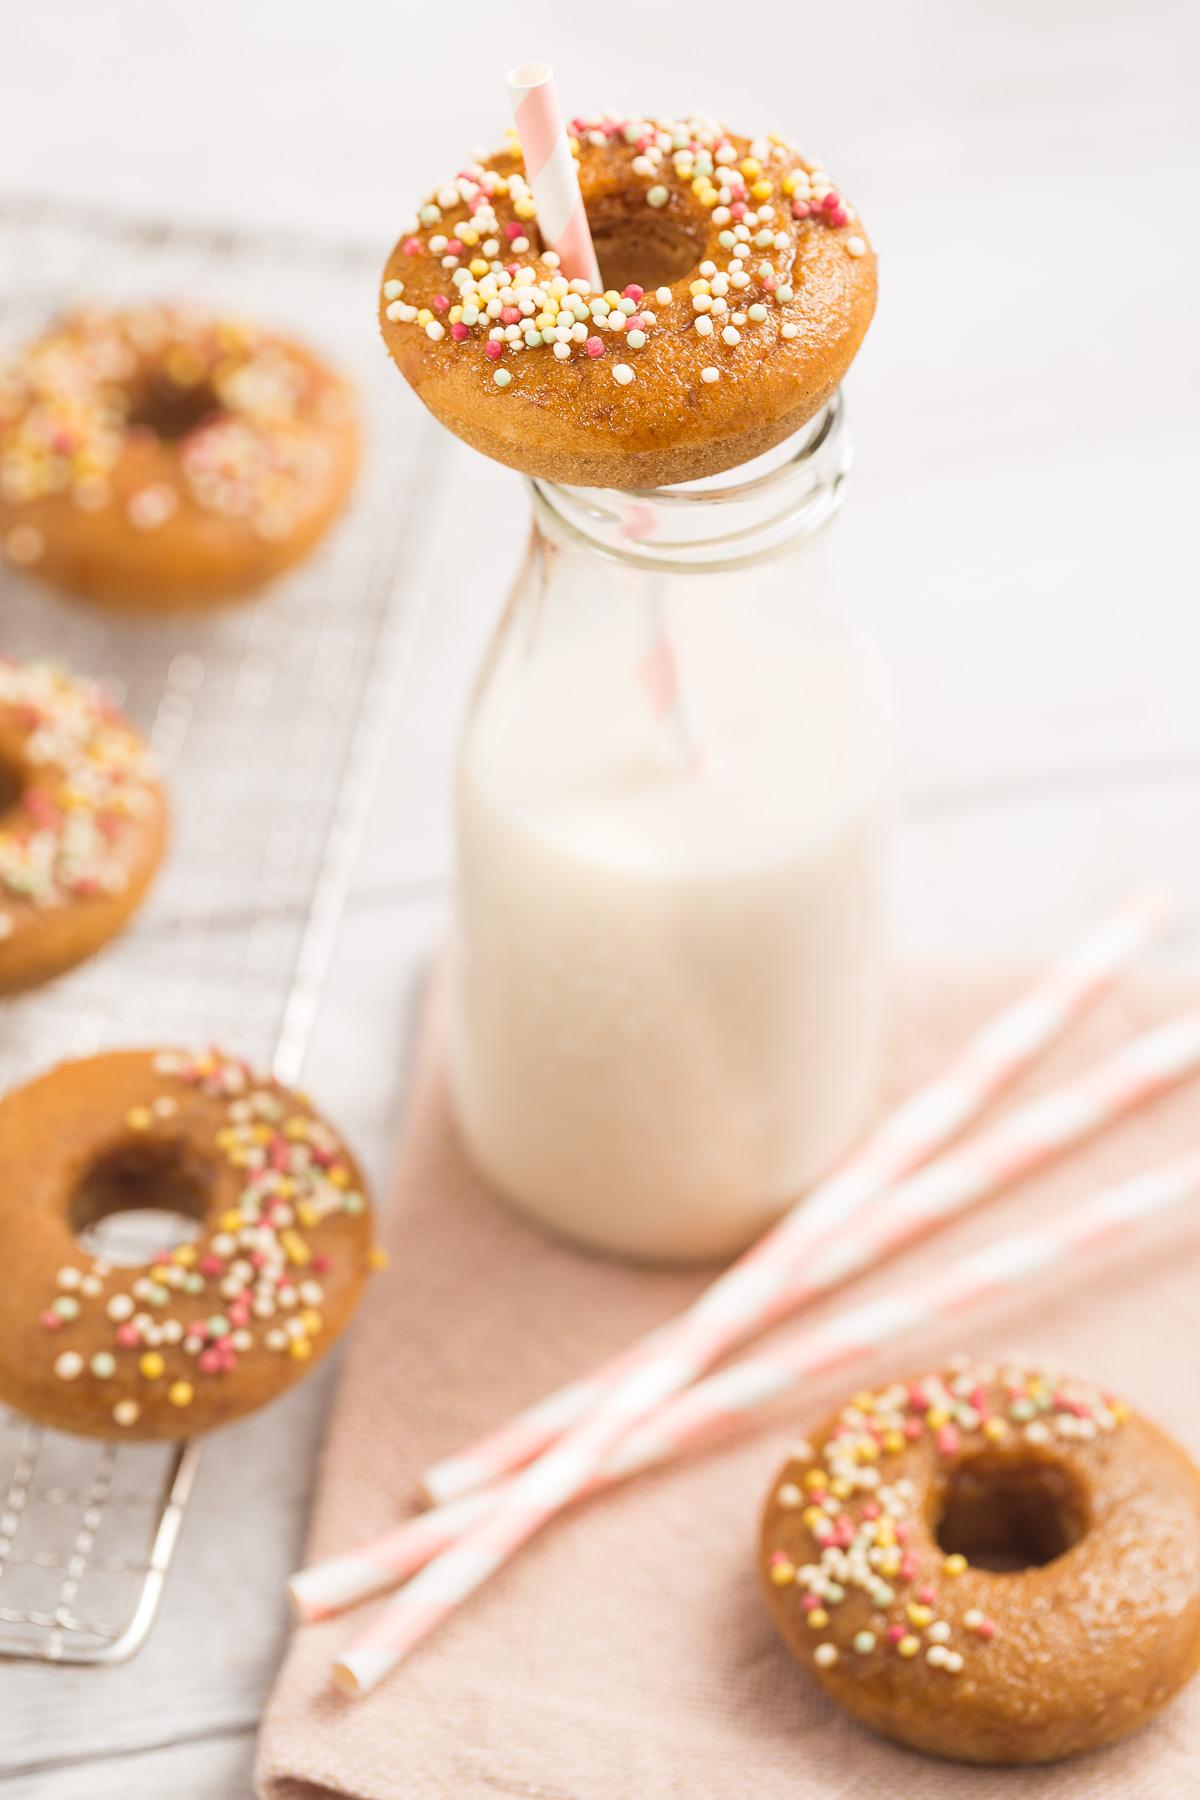 ricetta donuts al forno vegan senza glutine vegan glutenfree baked donuts recipe #vegan #glutenfree #senzaglutine